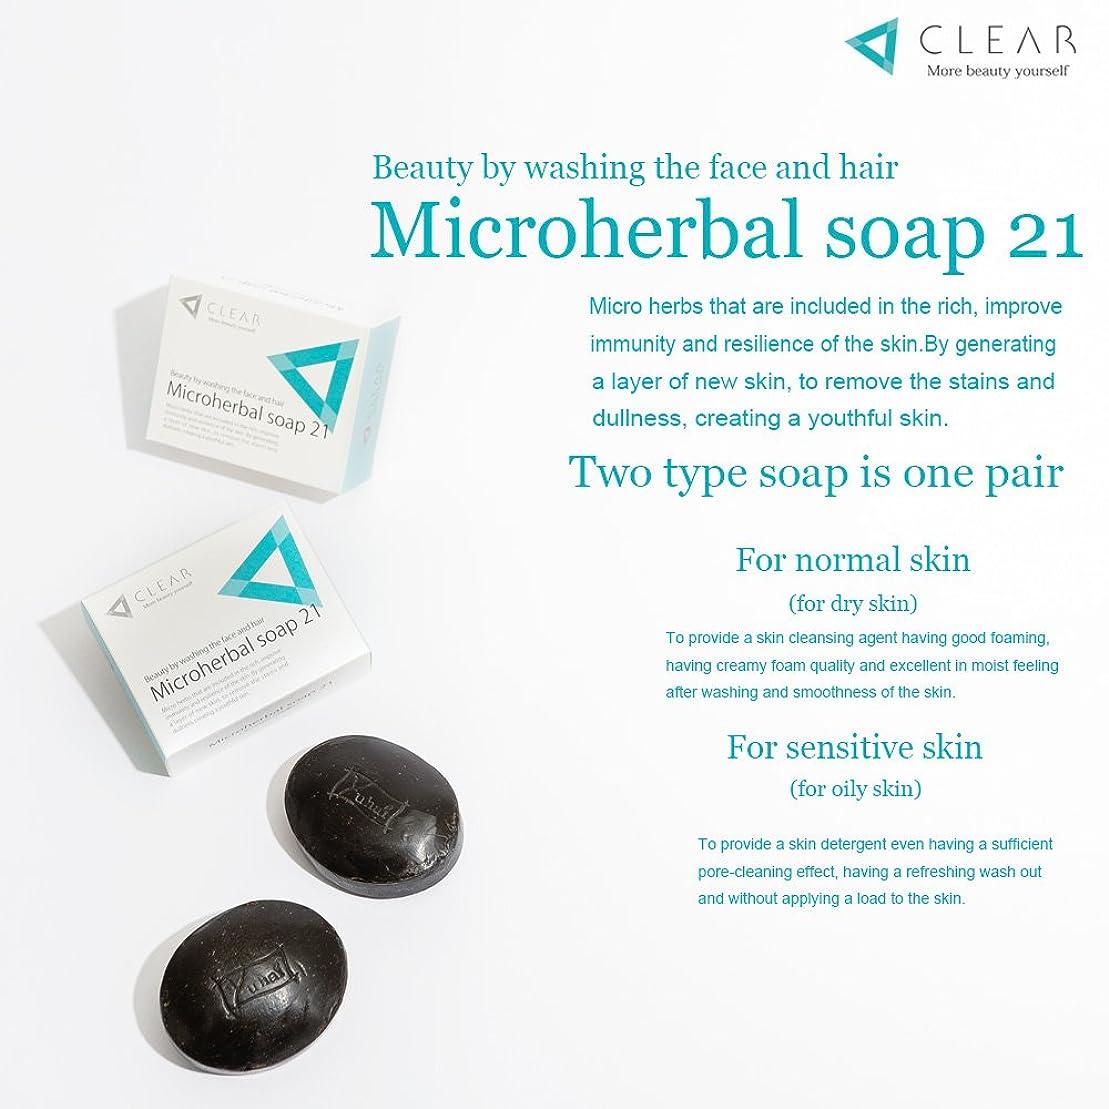 未使用開業医冬マイクロハーブ石鹸21?普通肌1個?敏感肌1個 合計2個(普通肌???美肌?しっとり肌のために/敏感肌???やさしくすっきり肌へ)